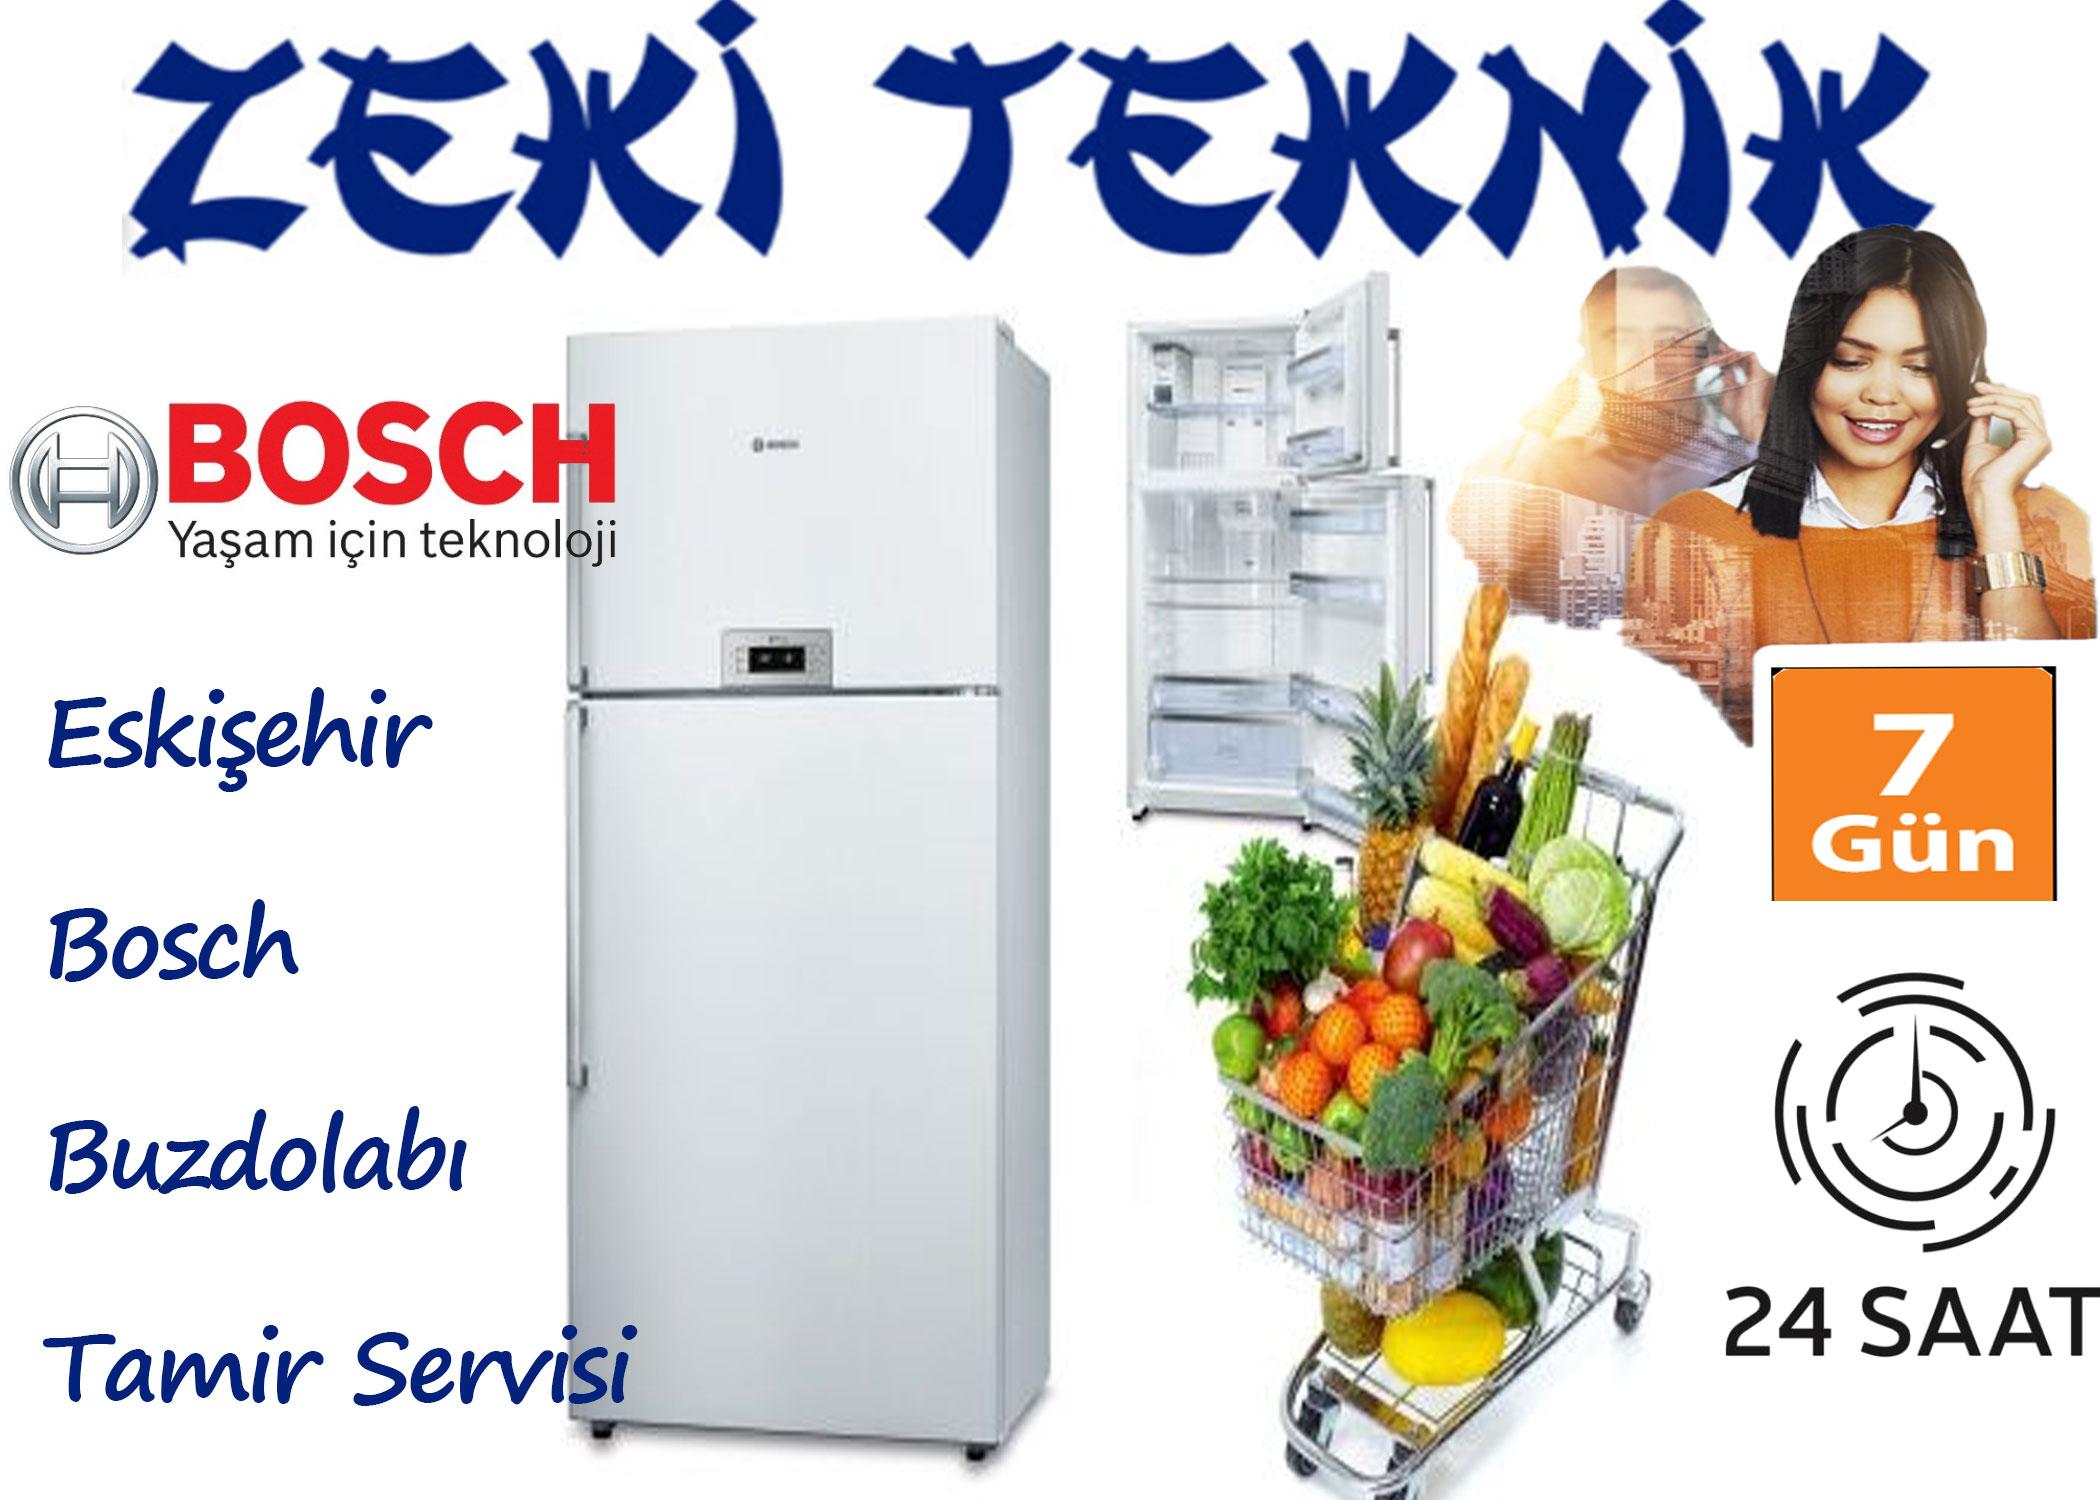 Derince Beyaz Eşya Buzdolabı Servisi / Tamircisi 444 9 587 - Zeki Teknik